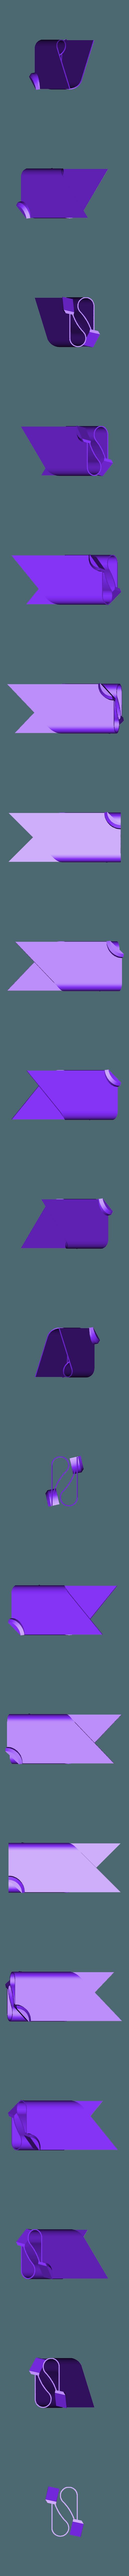 2wingsPlate.stl Télécharger fichier SCAD gratuit Papier imprimé WindMill v0 • Modèle pour imprimante 3D, Wachet